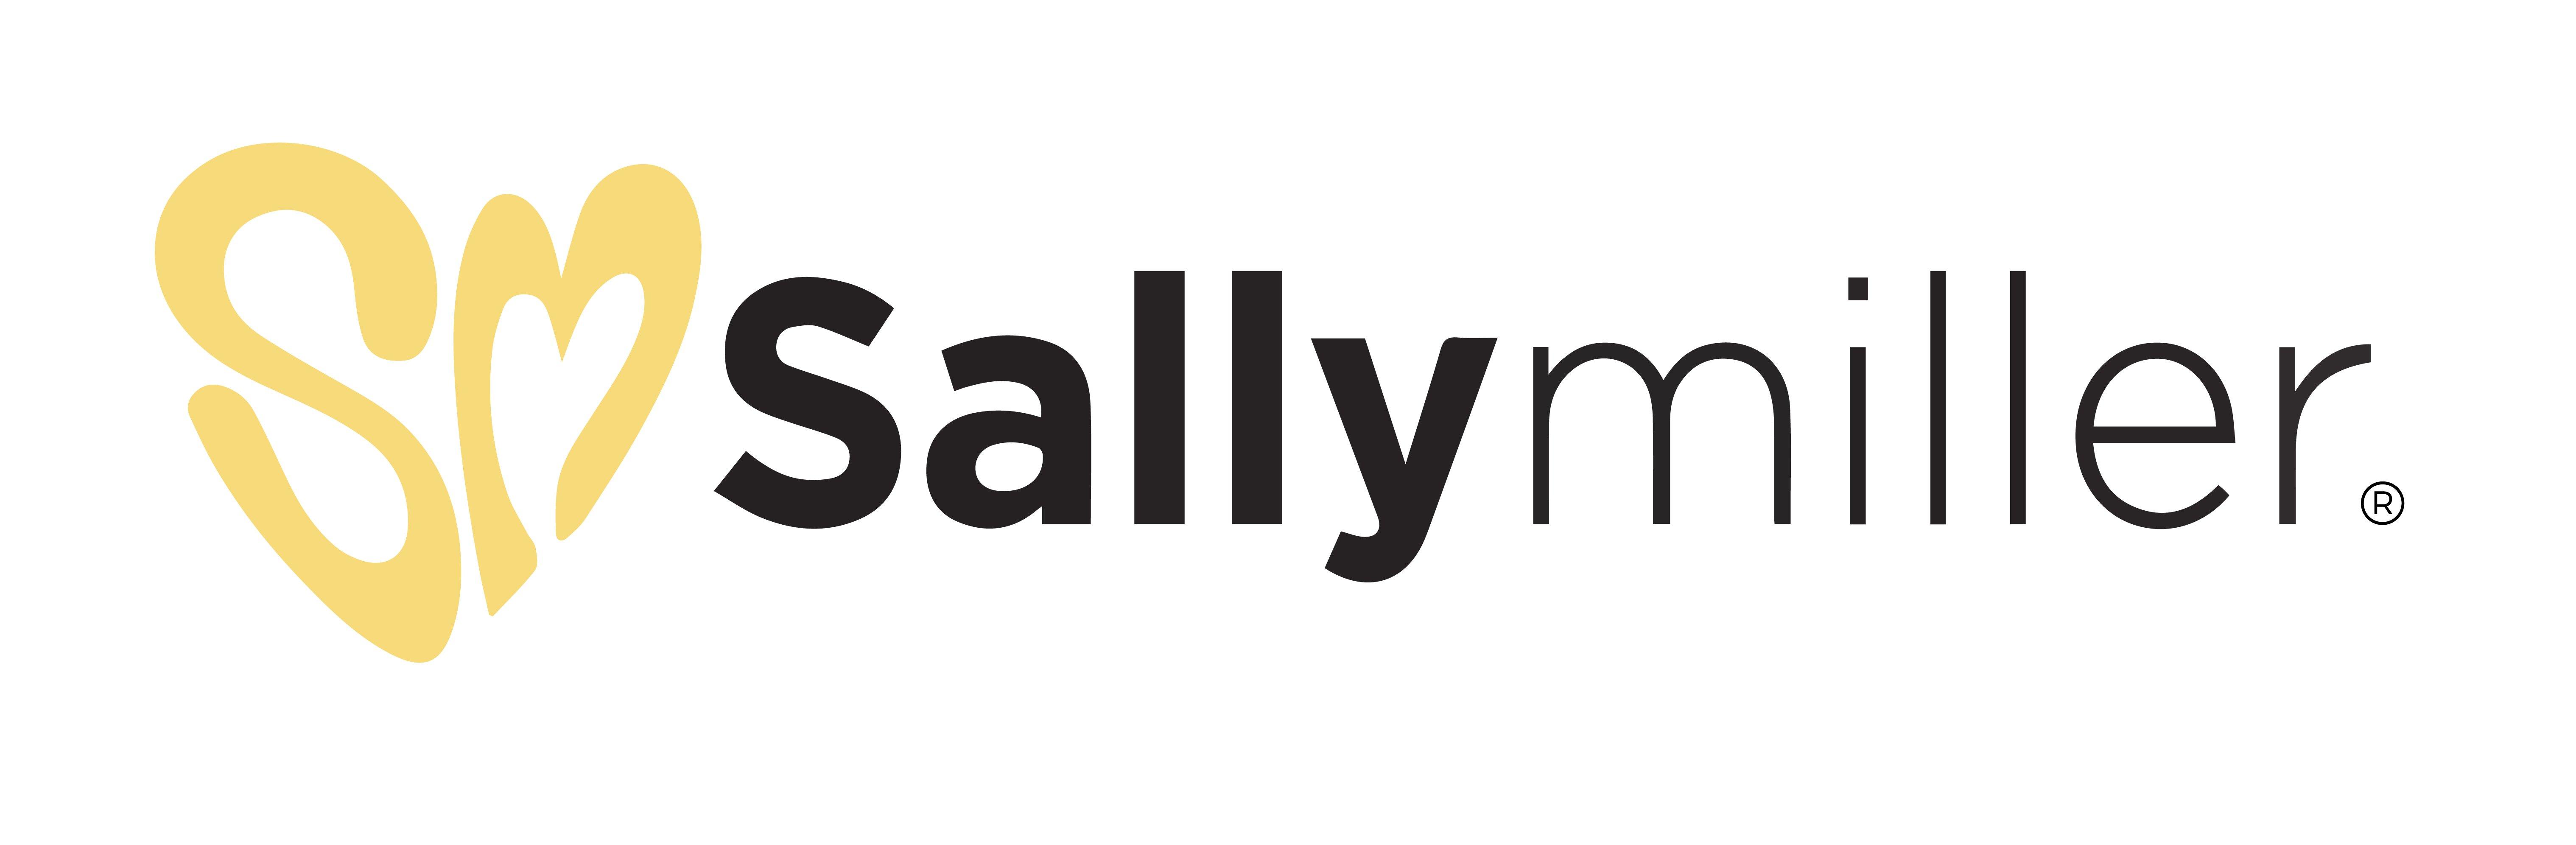 Sally Miller Coupons